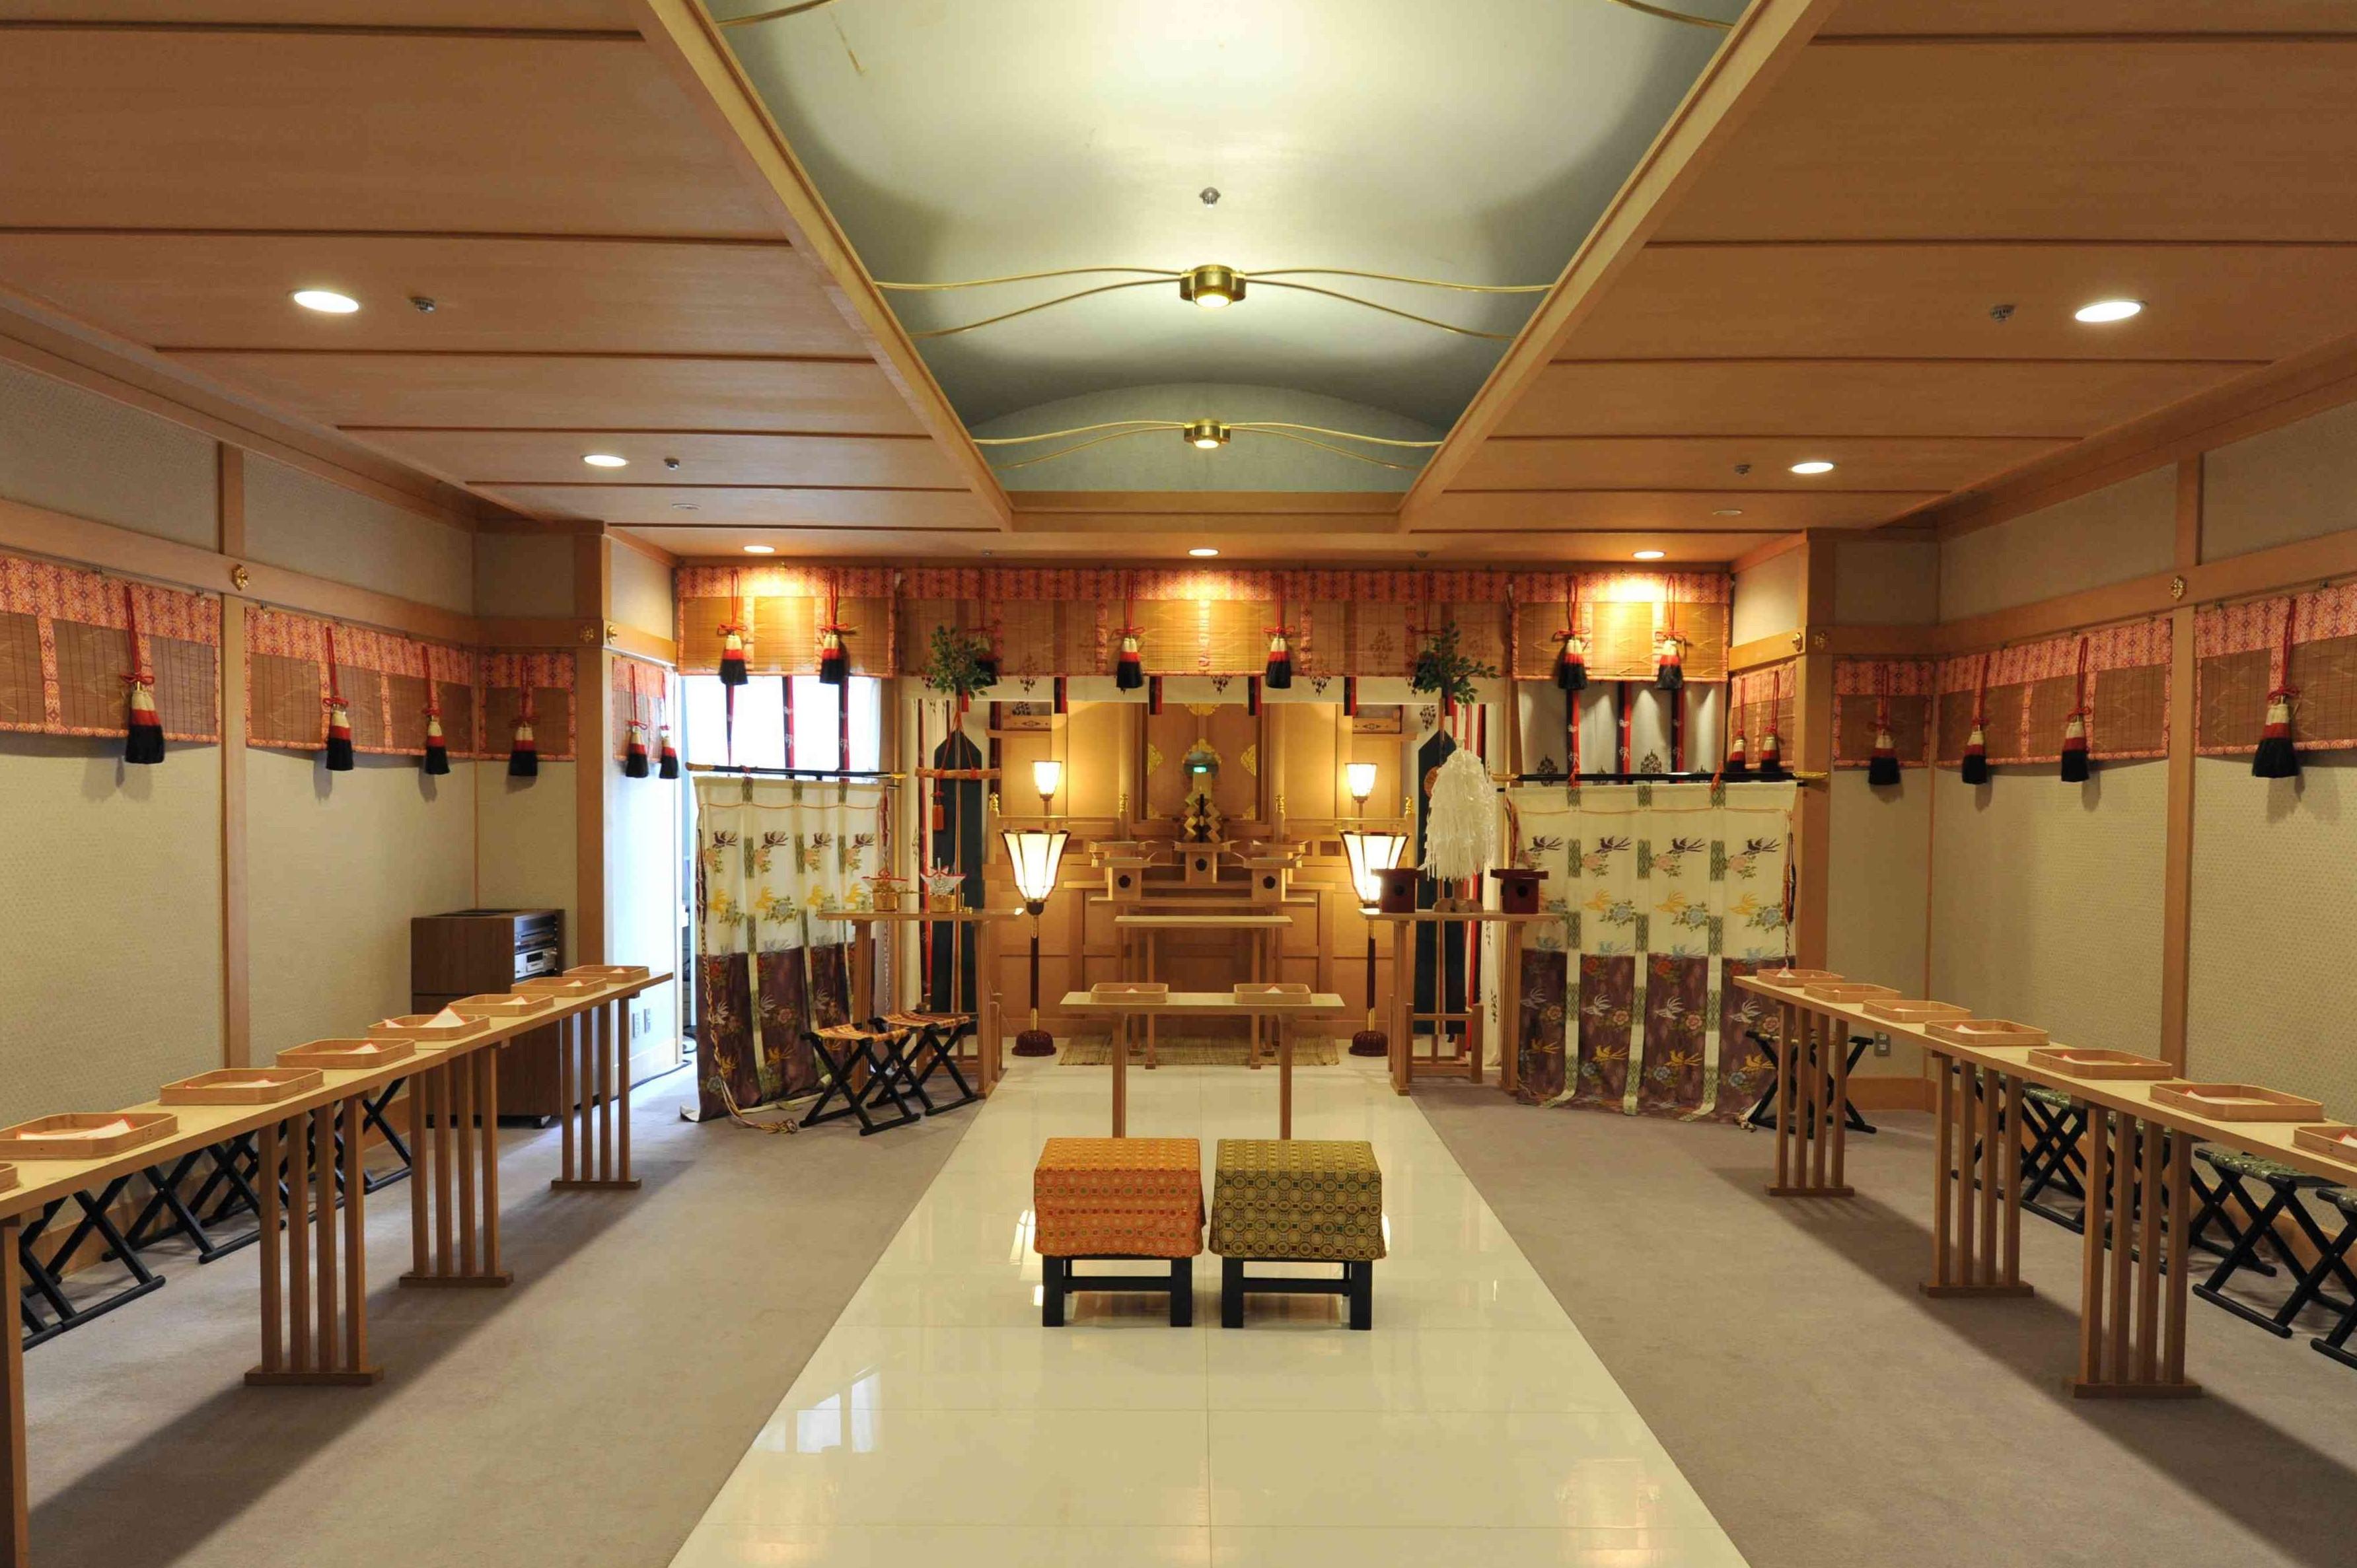 福岡リーセントホテル神殿|神社結婚式・和婚の5万円の定額制格安プラン・お得なキャンペーン|福岡・九州で和装の神社結婚式・和婚ならウェディングセレクト!和婚